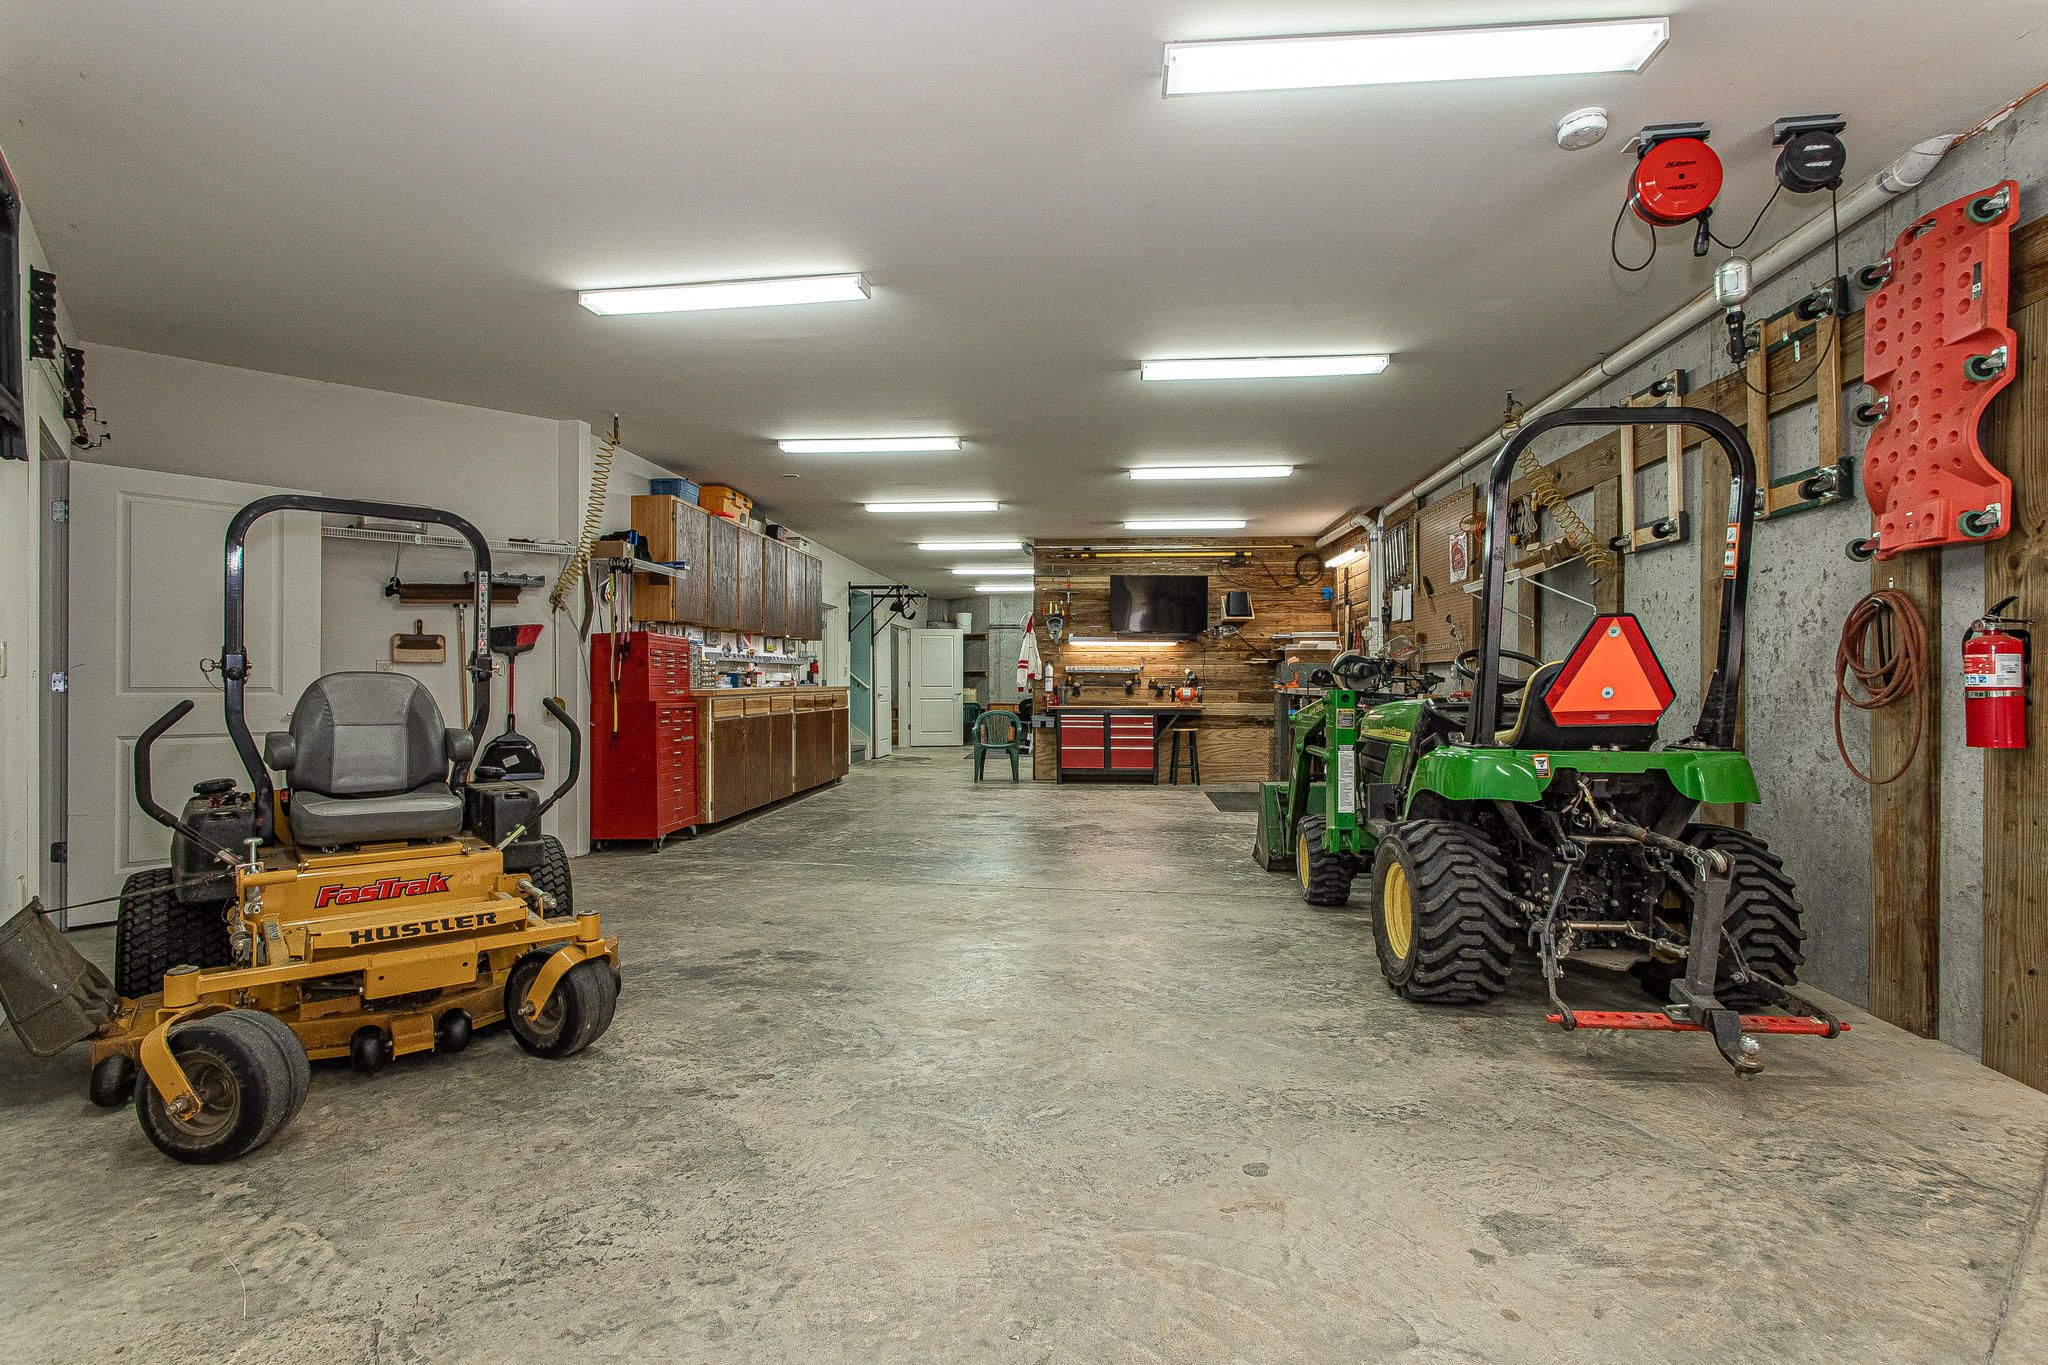 Basement Workshop/Garage/Storage